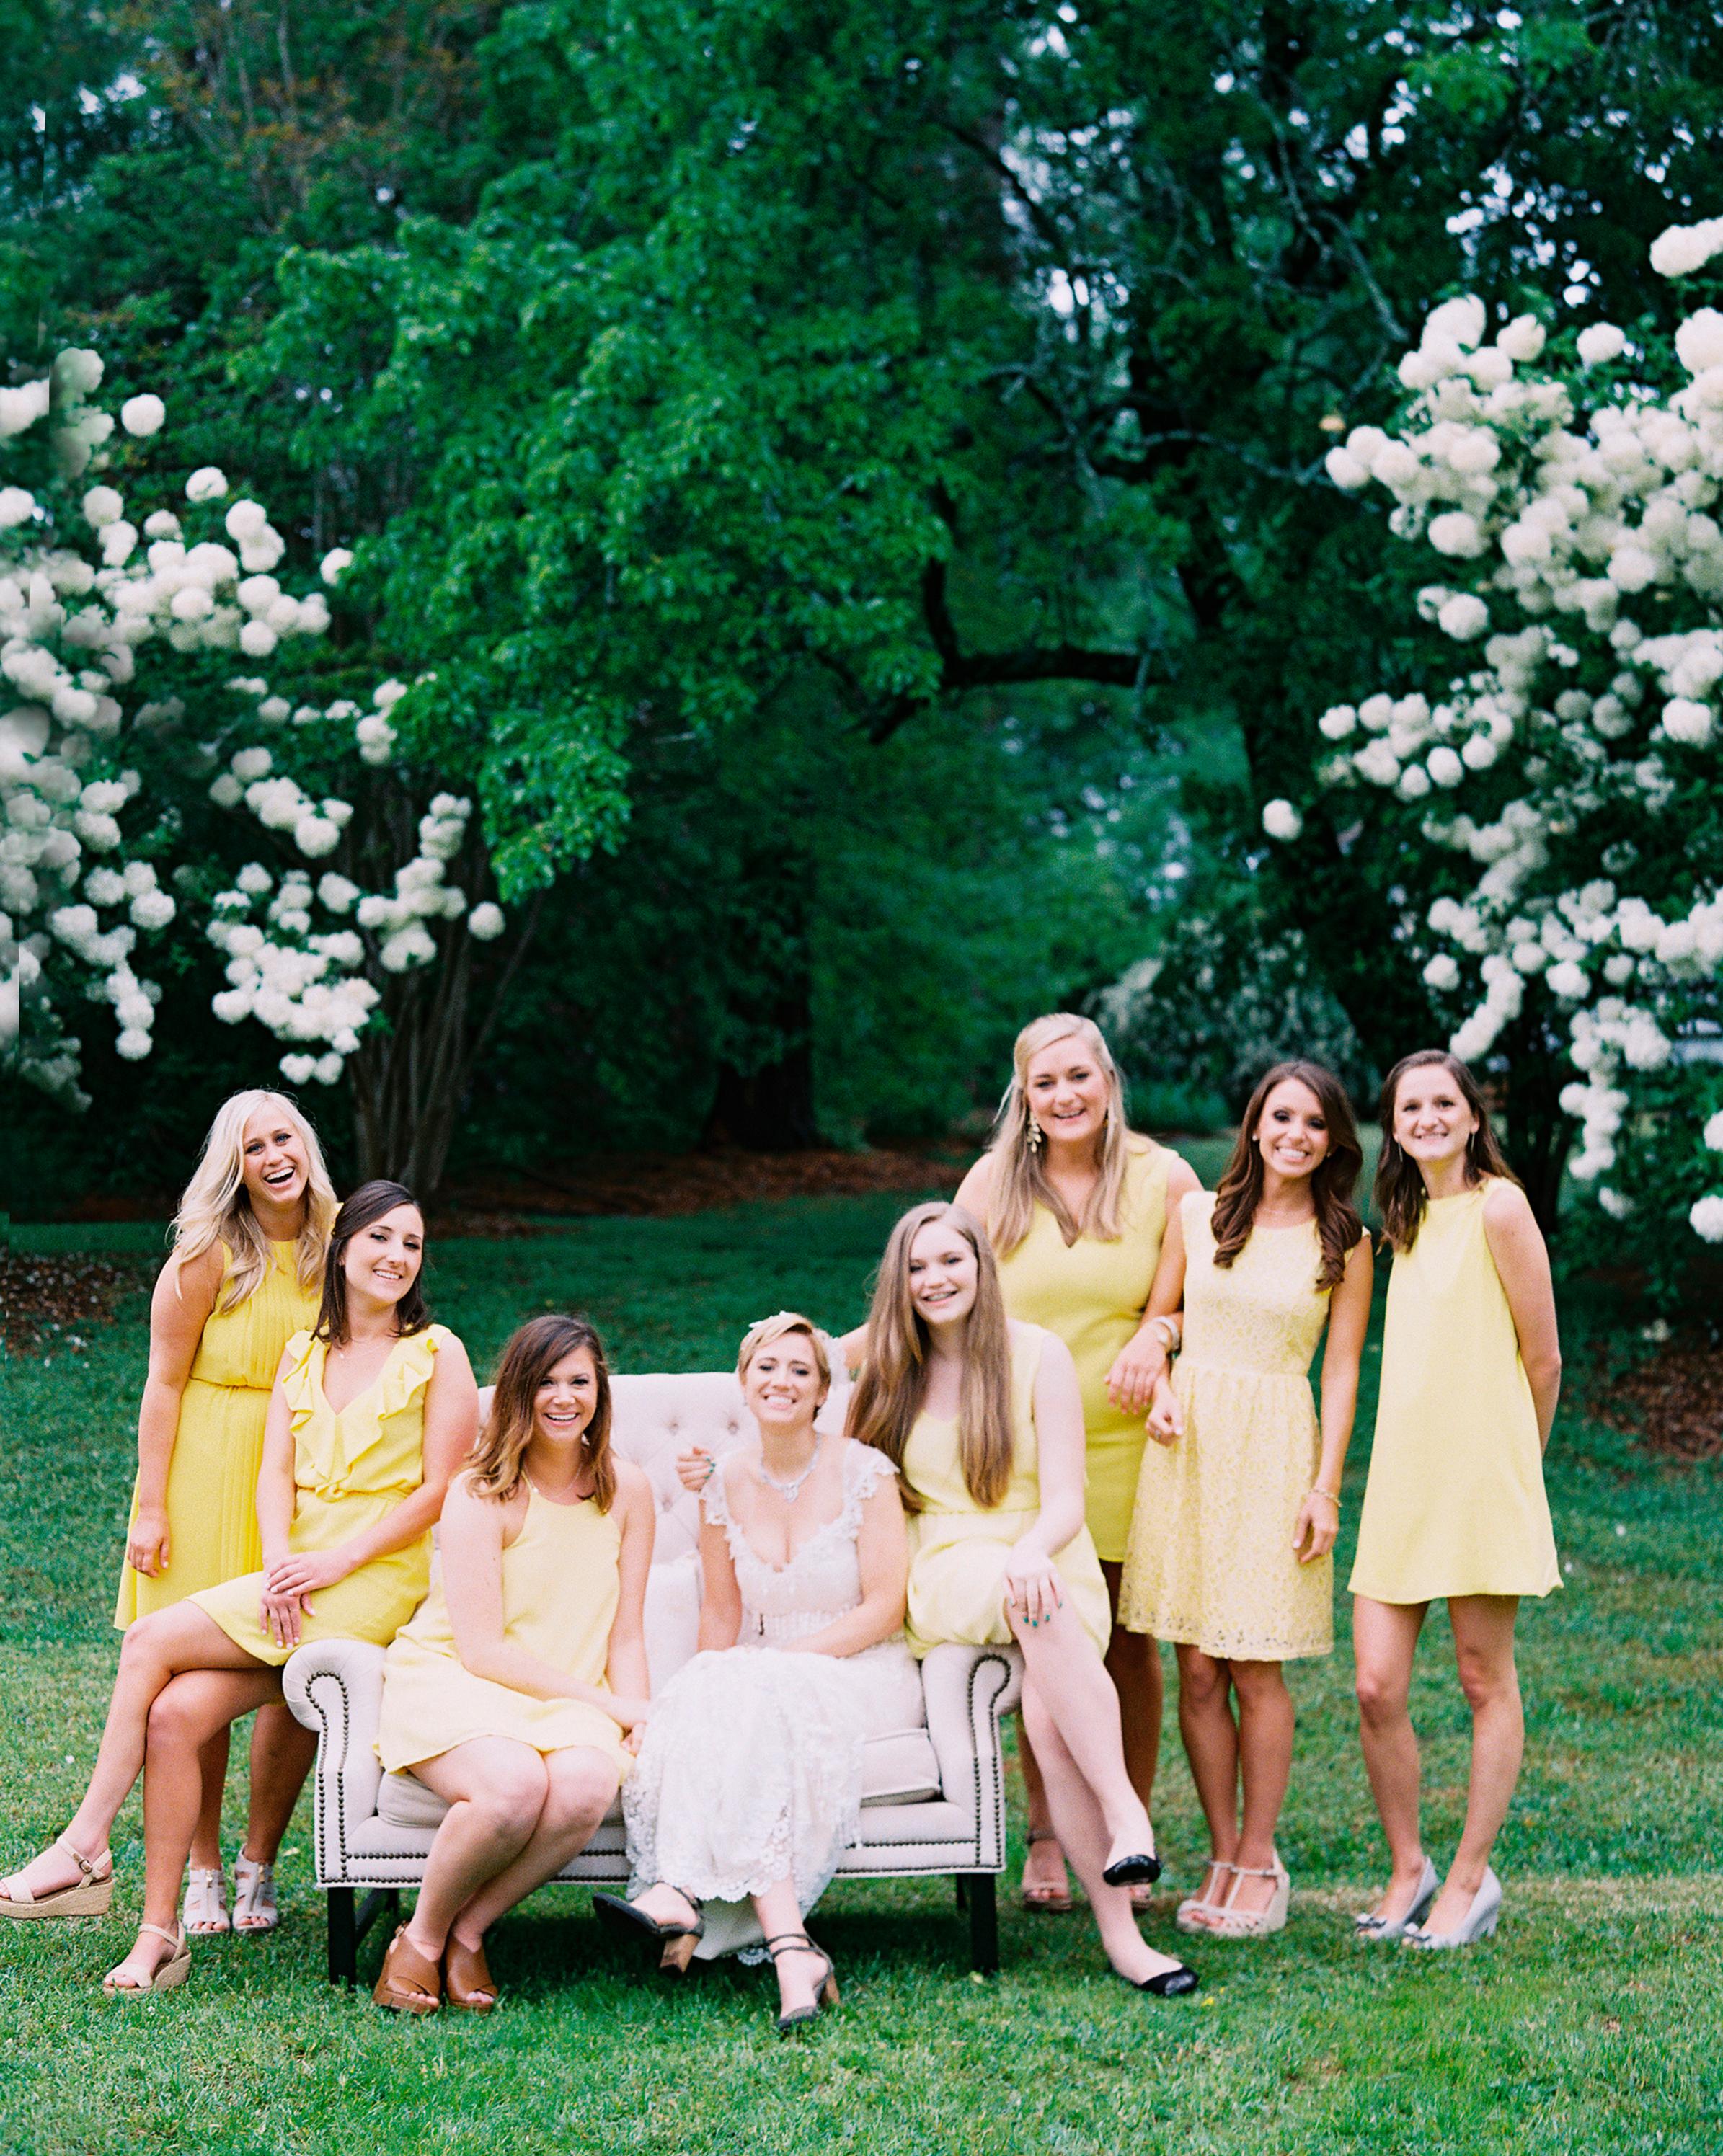 susan-cartter-wedding-bmaids-008432012-s111503-0914.jpg